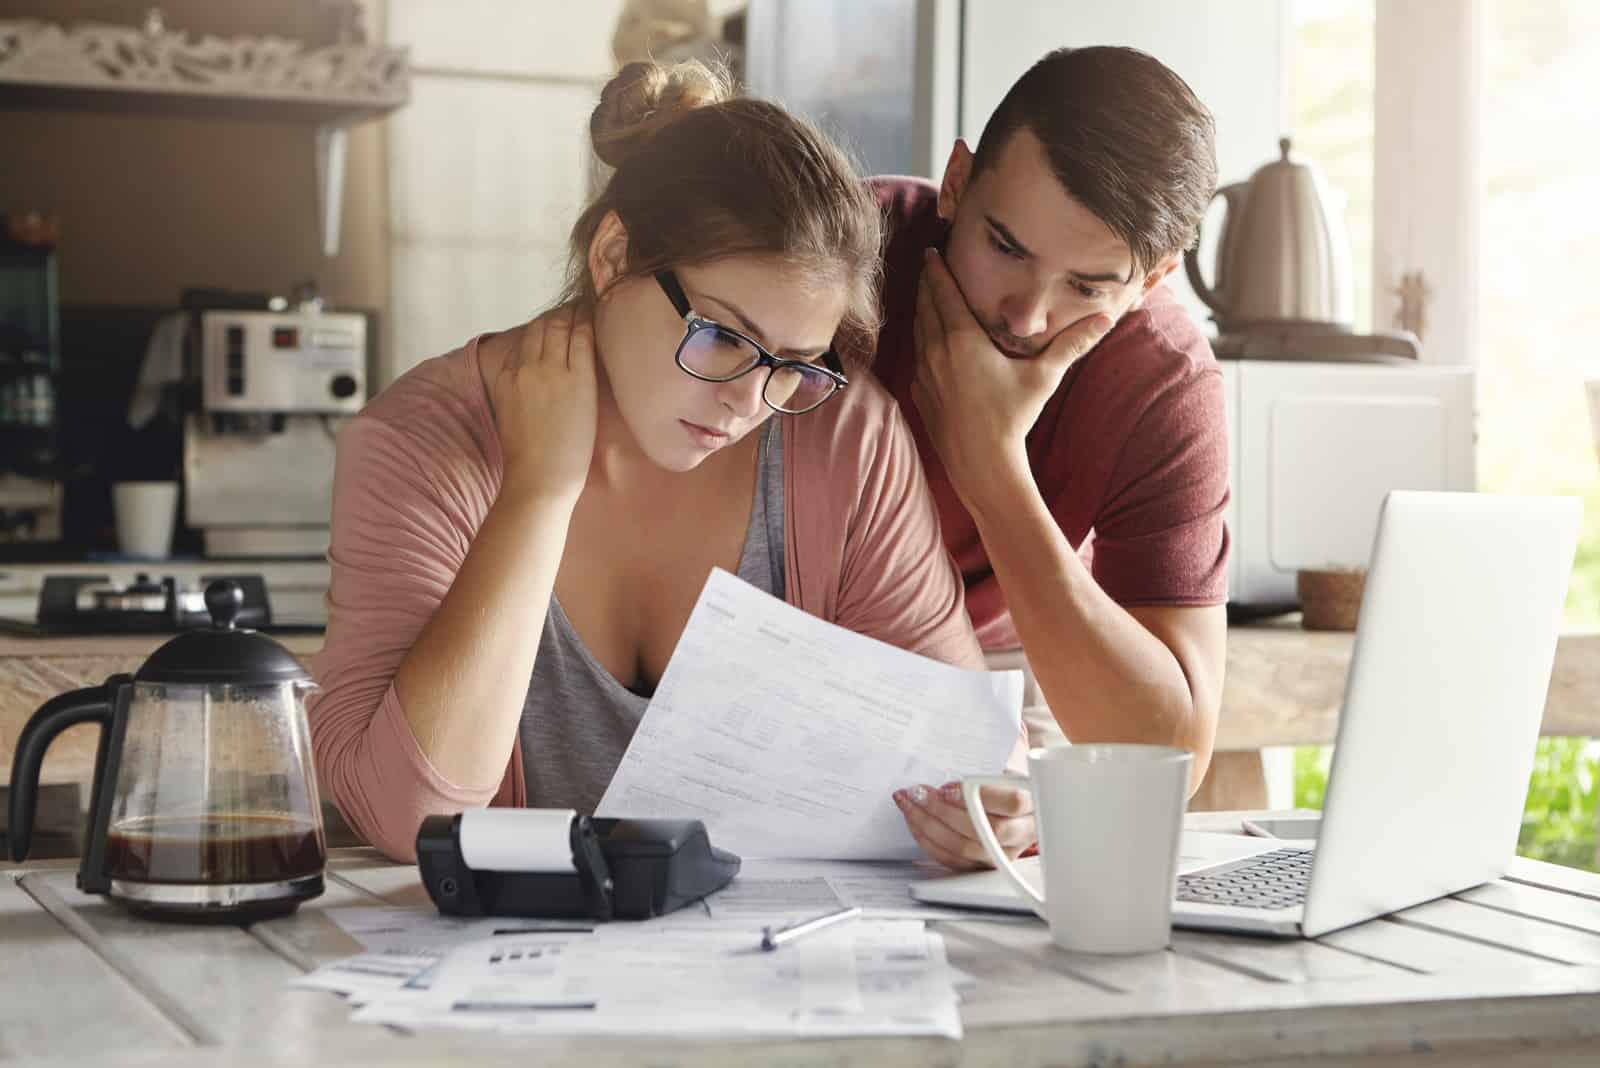 Ein liebendes Paar hat finanzielle Probleme